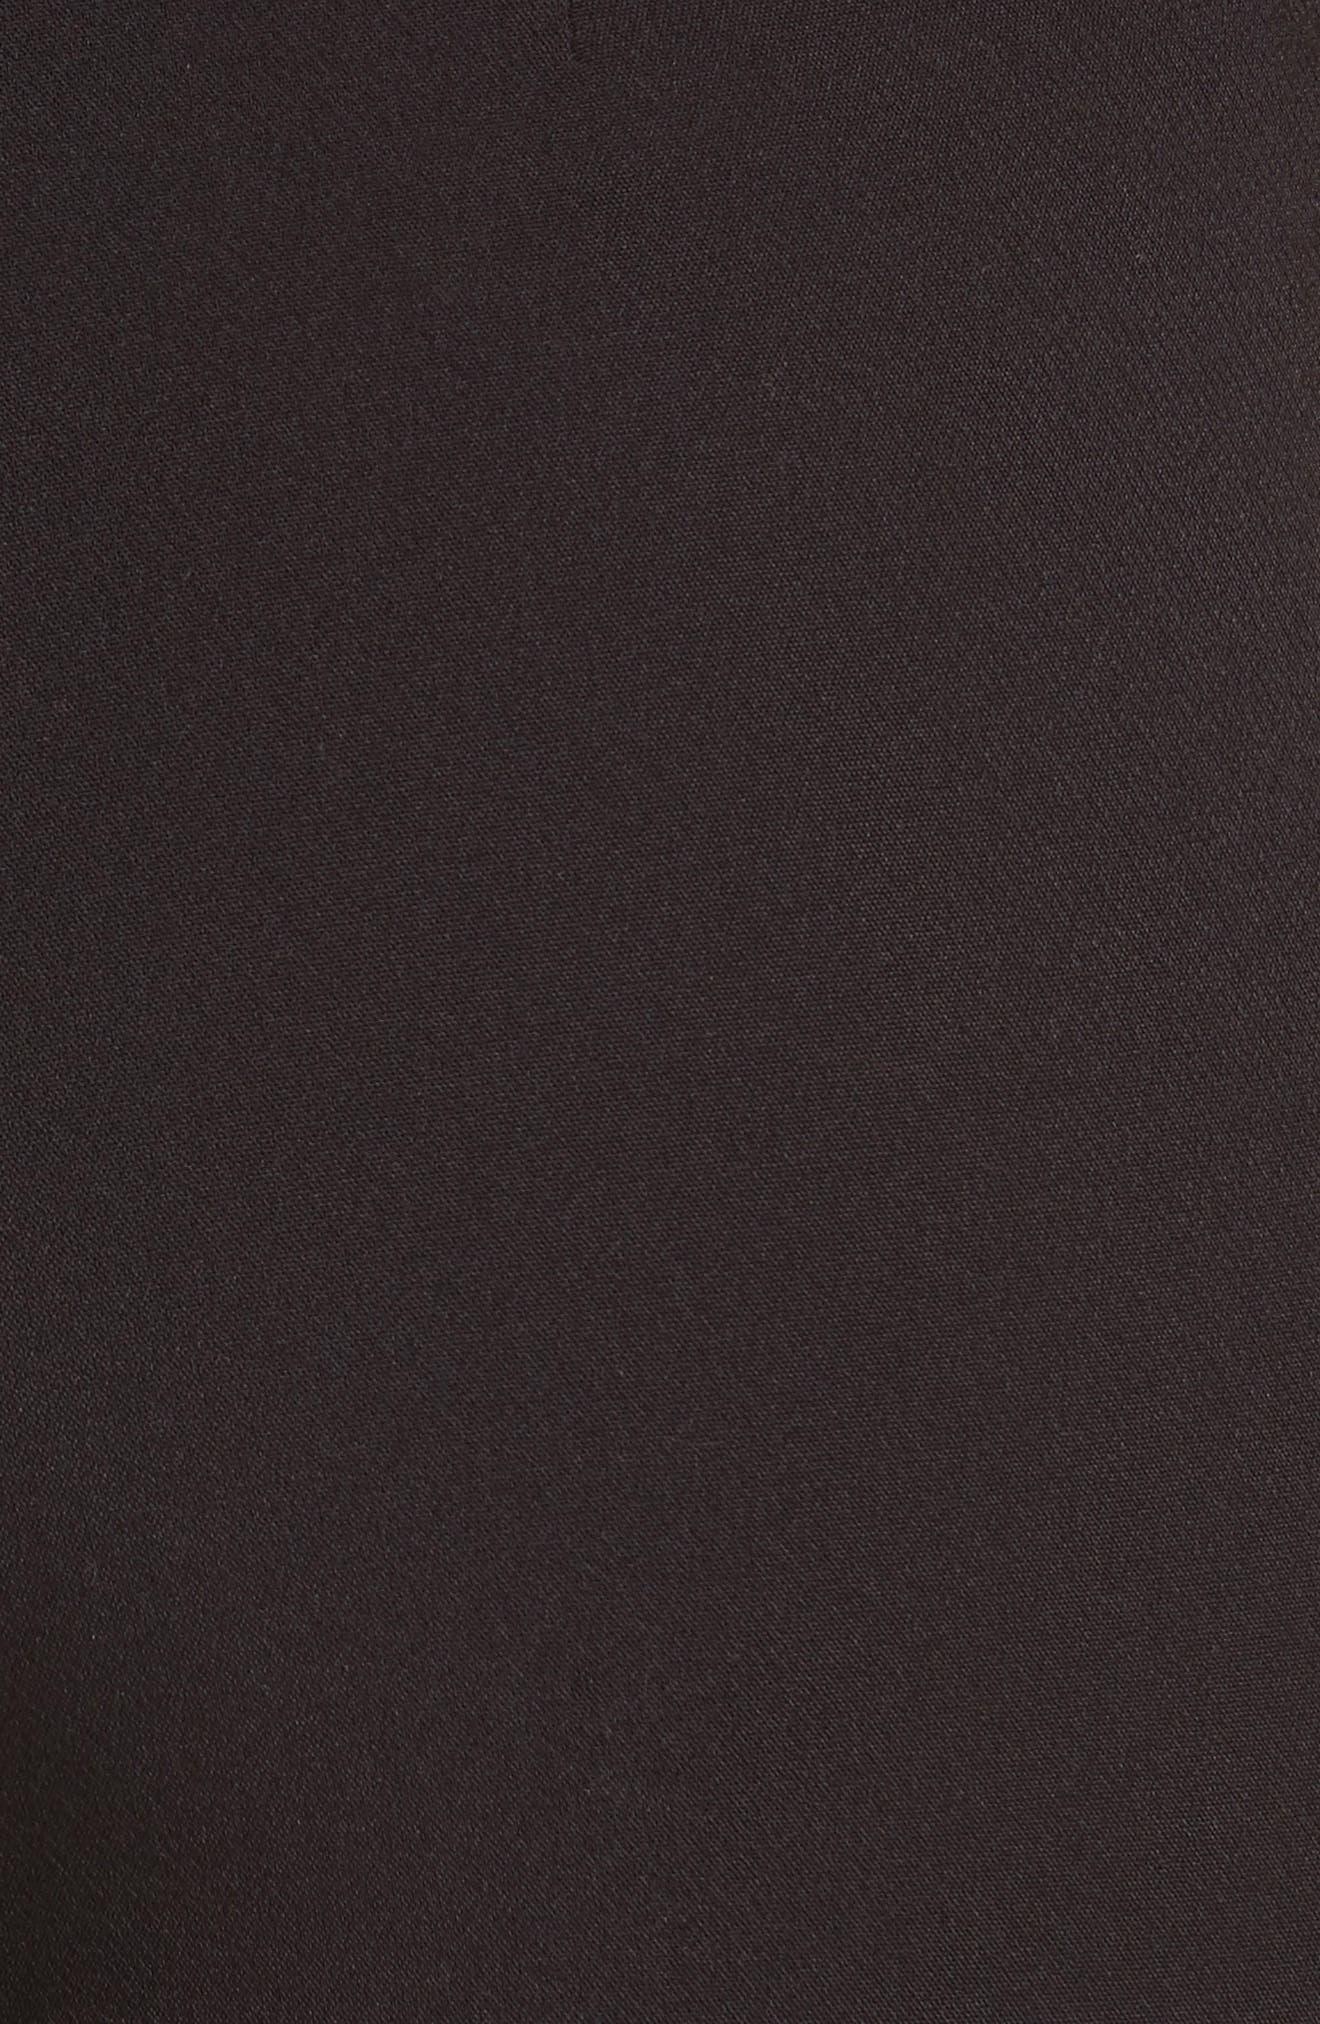 Marin Embroidered Leggings,                             Alternate thumbnail 6, color,                             Black/ Silver/ Sunshower